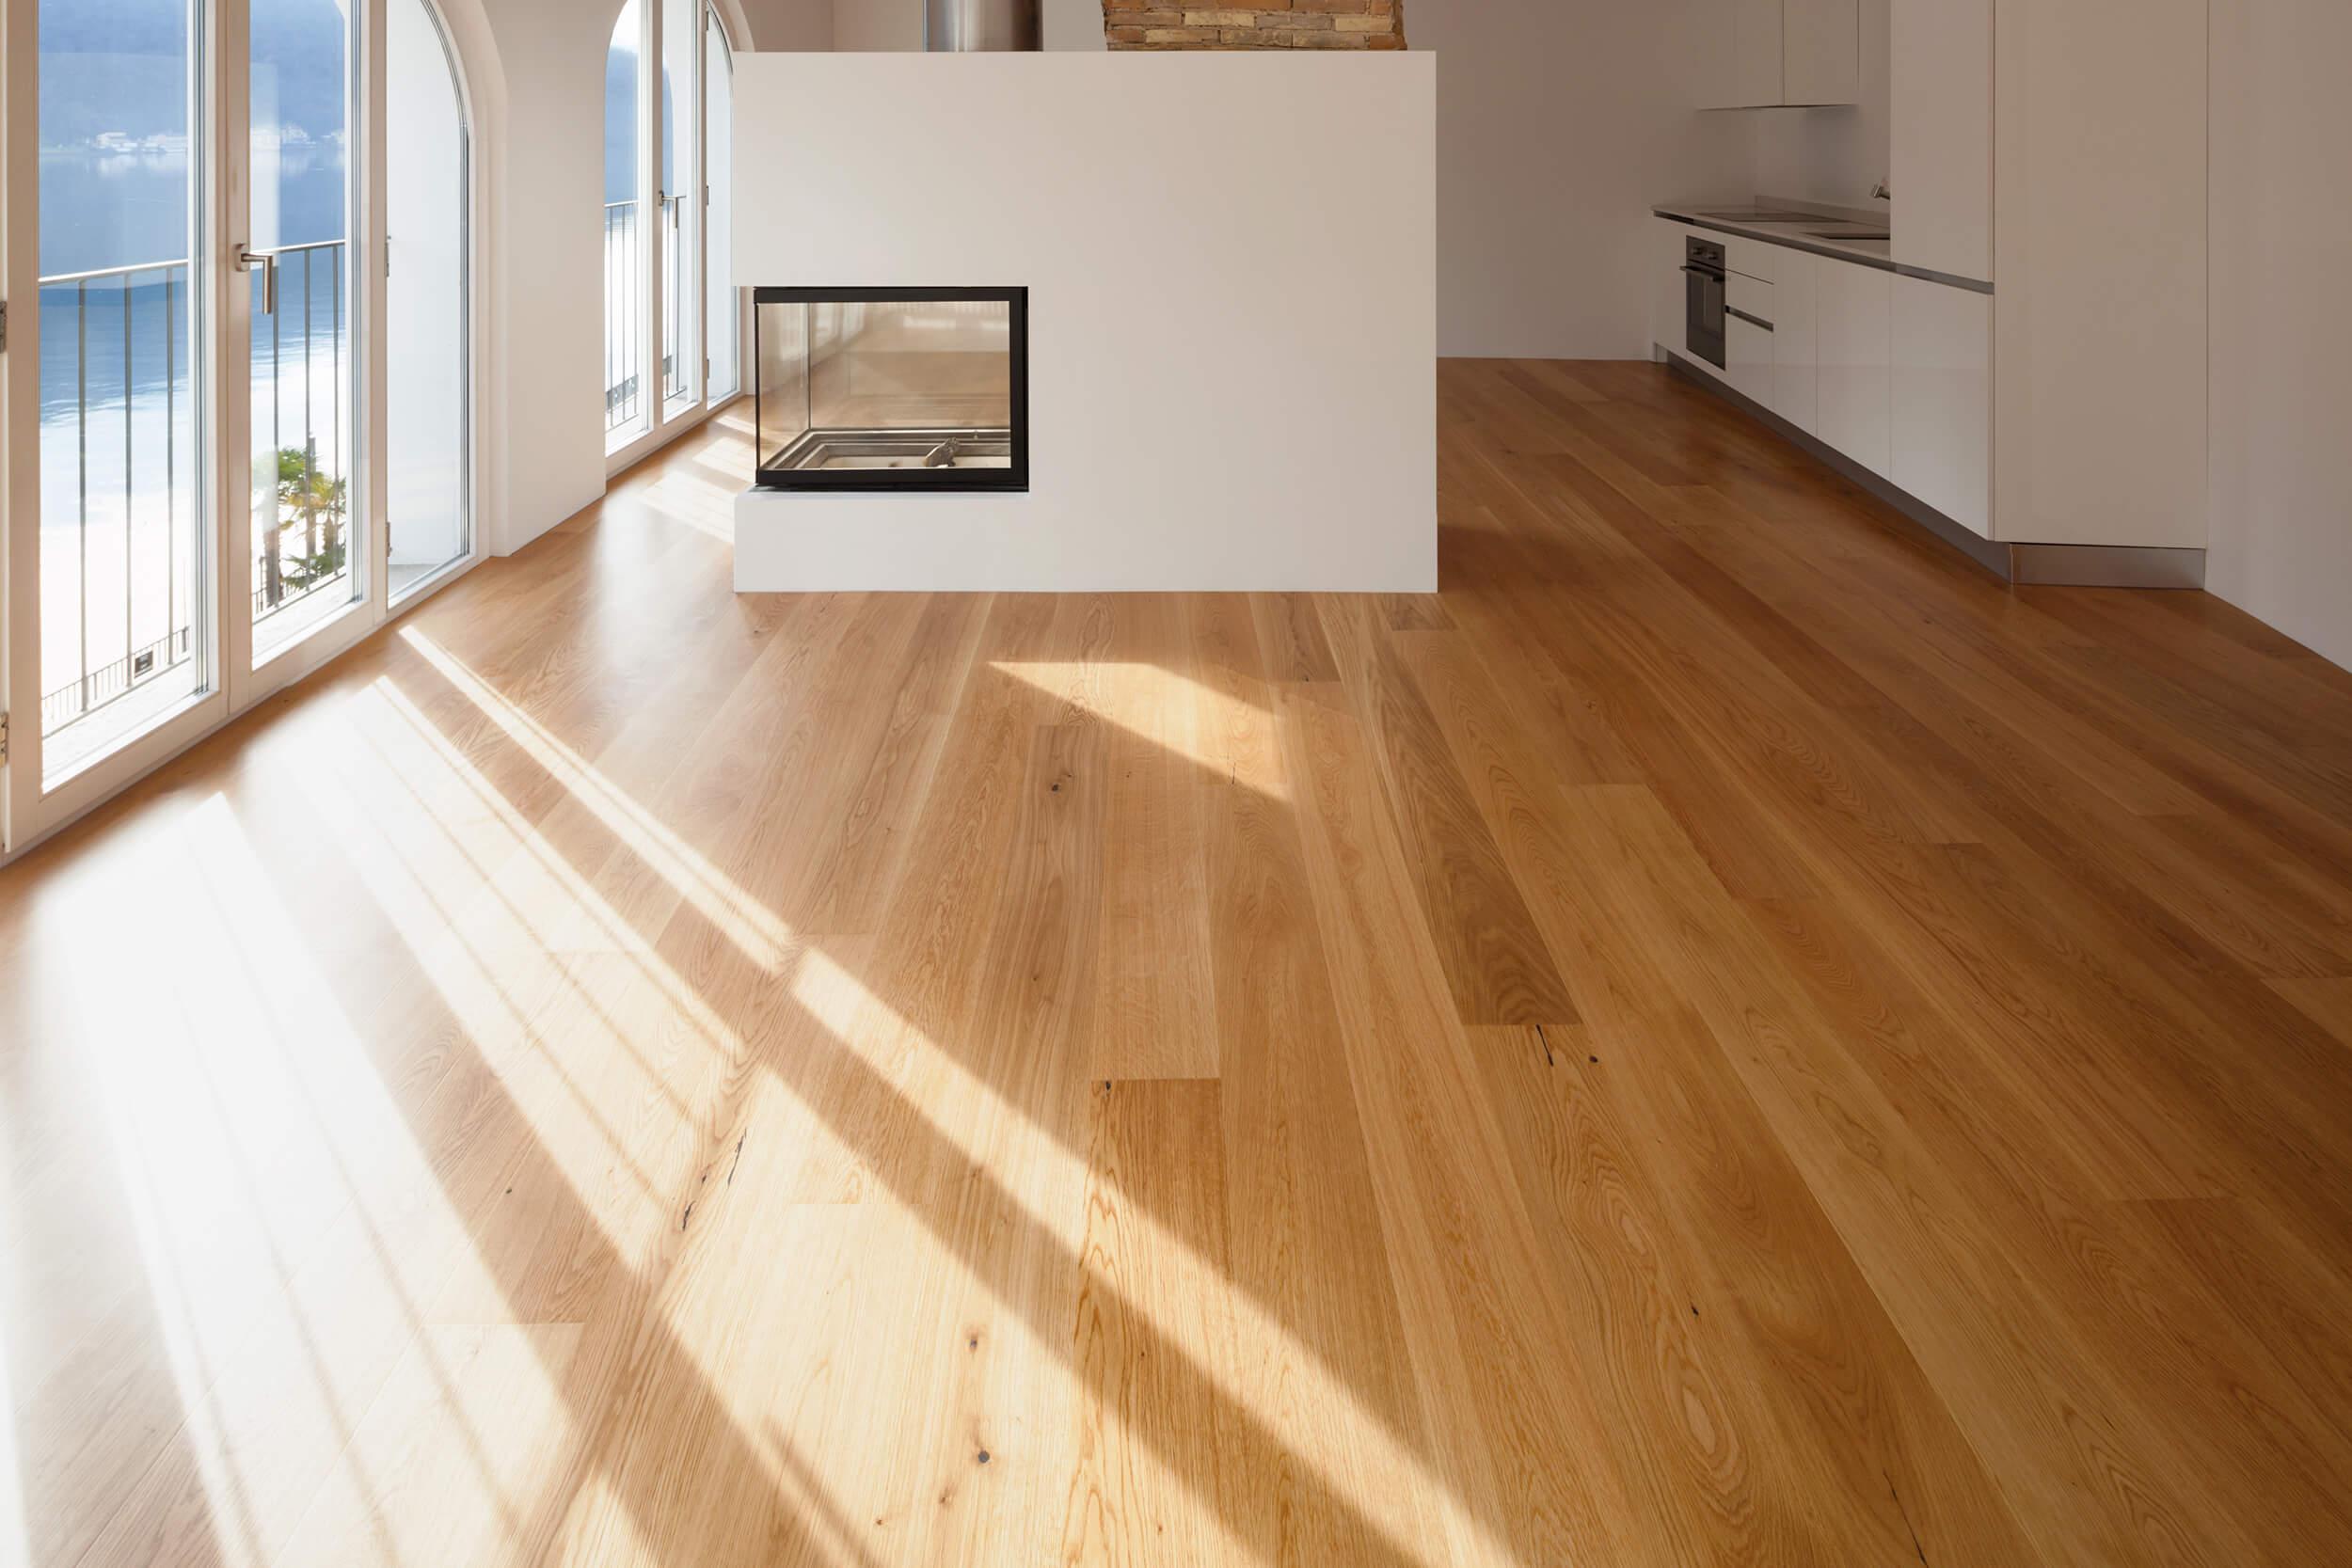 Bild einer Wohnung mit Zentralem Kamin von der AMS Groupe